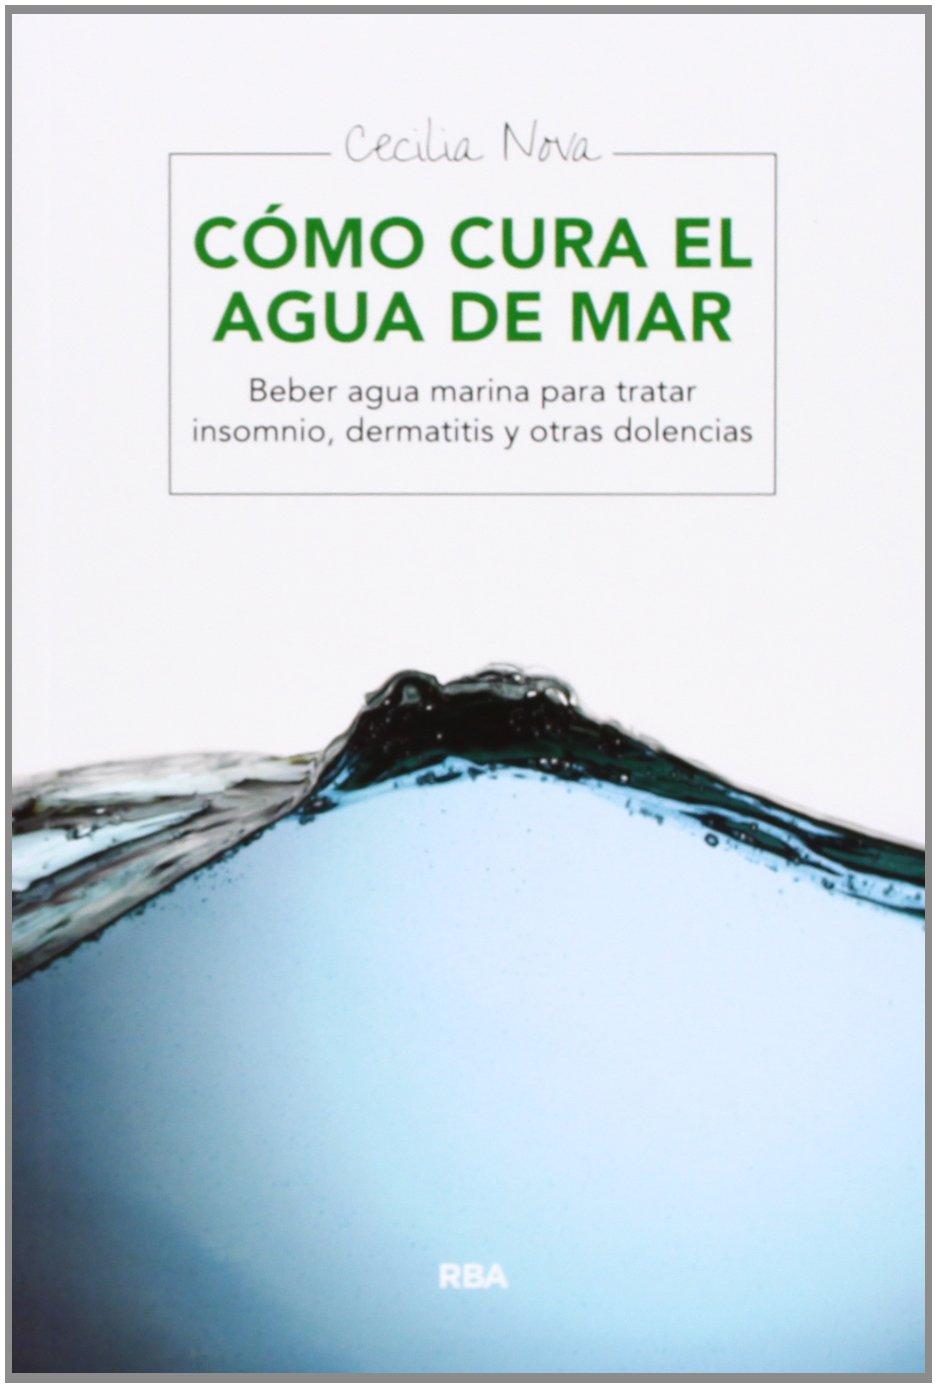 Como cura el agua del mar (SALUD): Amazon.es: Nova, Cecilia: Libros